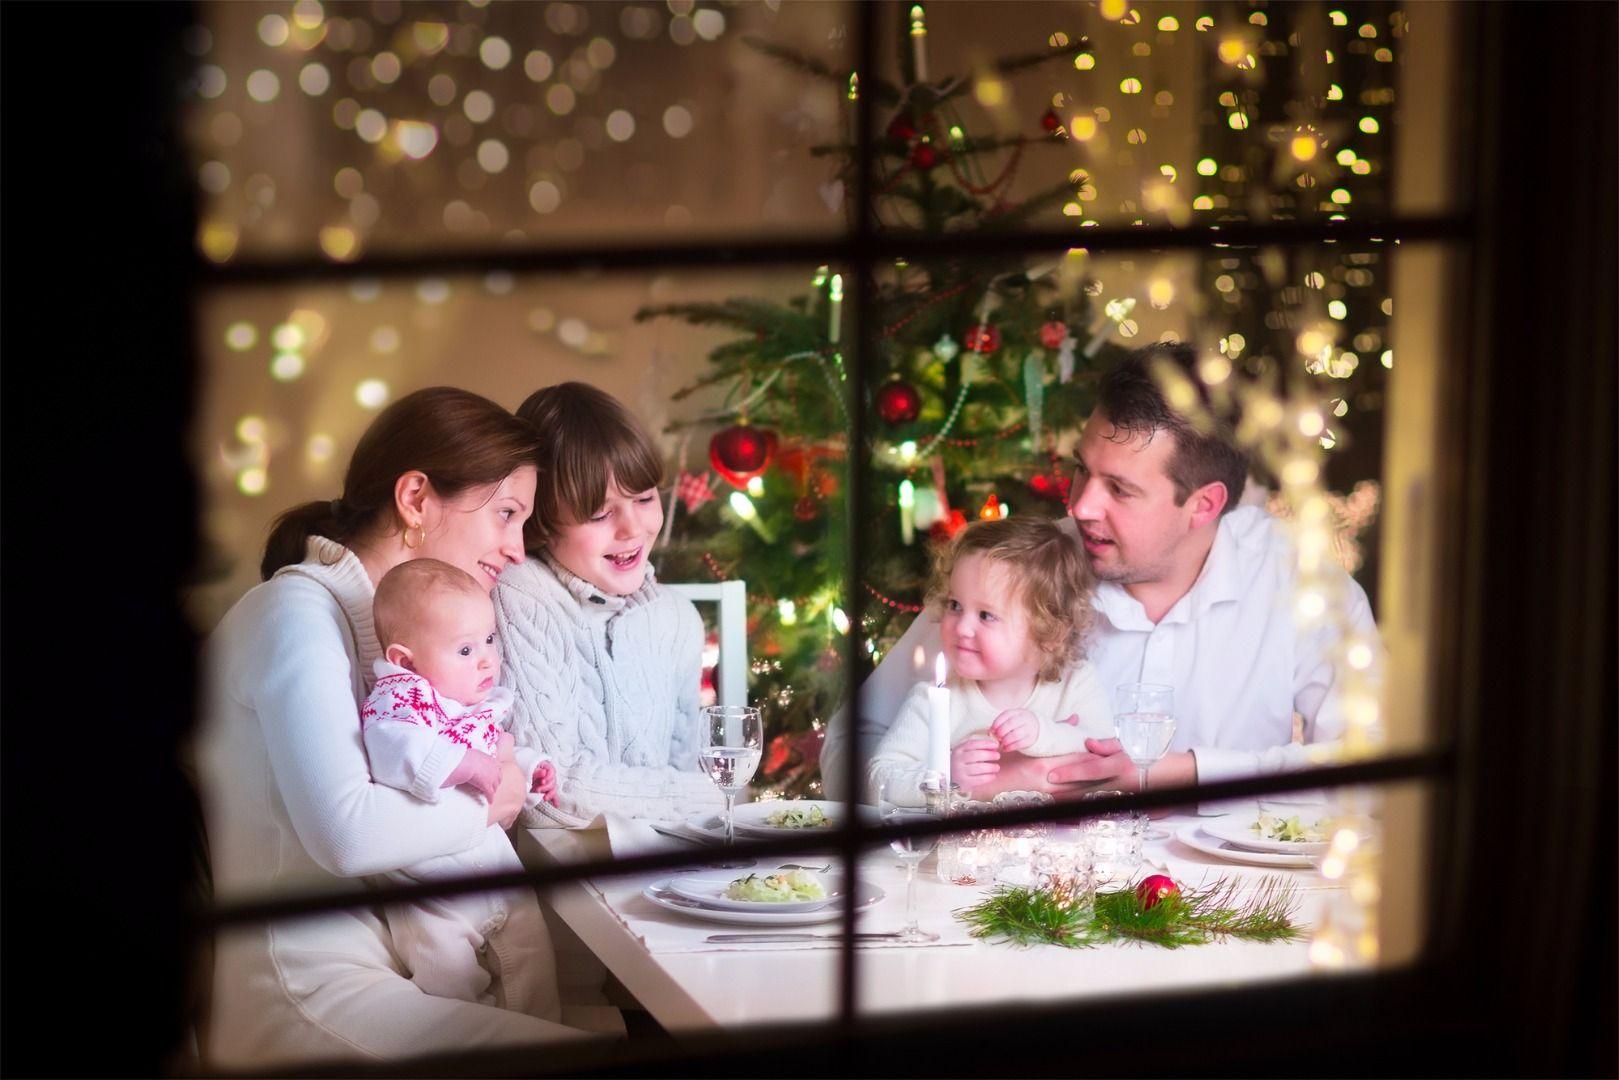 Жителям Тверской области порекомендовали провести новогодние праздники дома